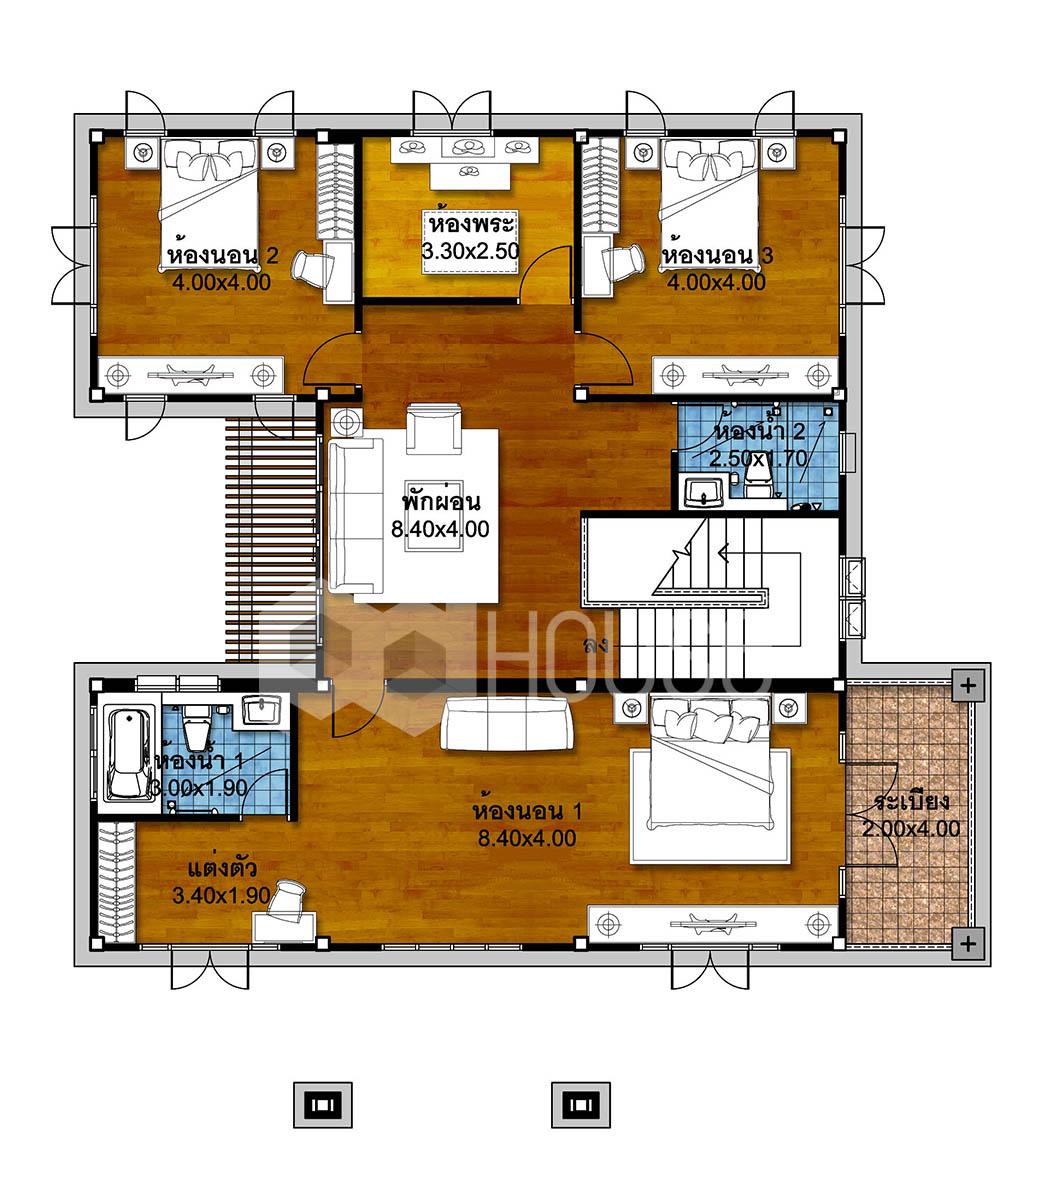 4 Bedroom House Plans 18x22 Meter 59x72 Feet first floor